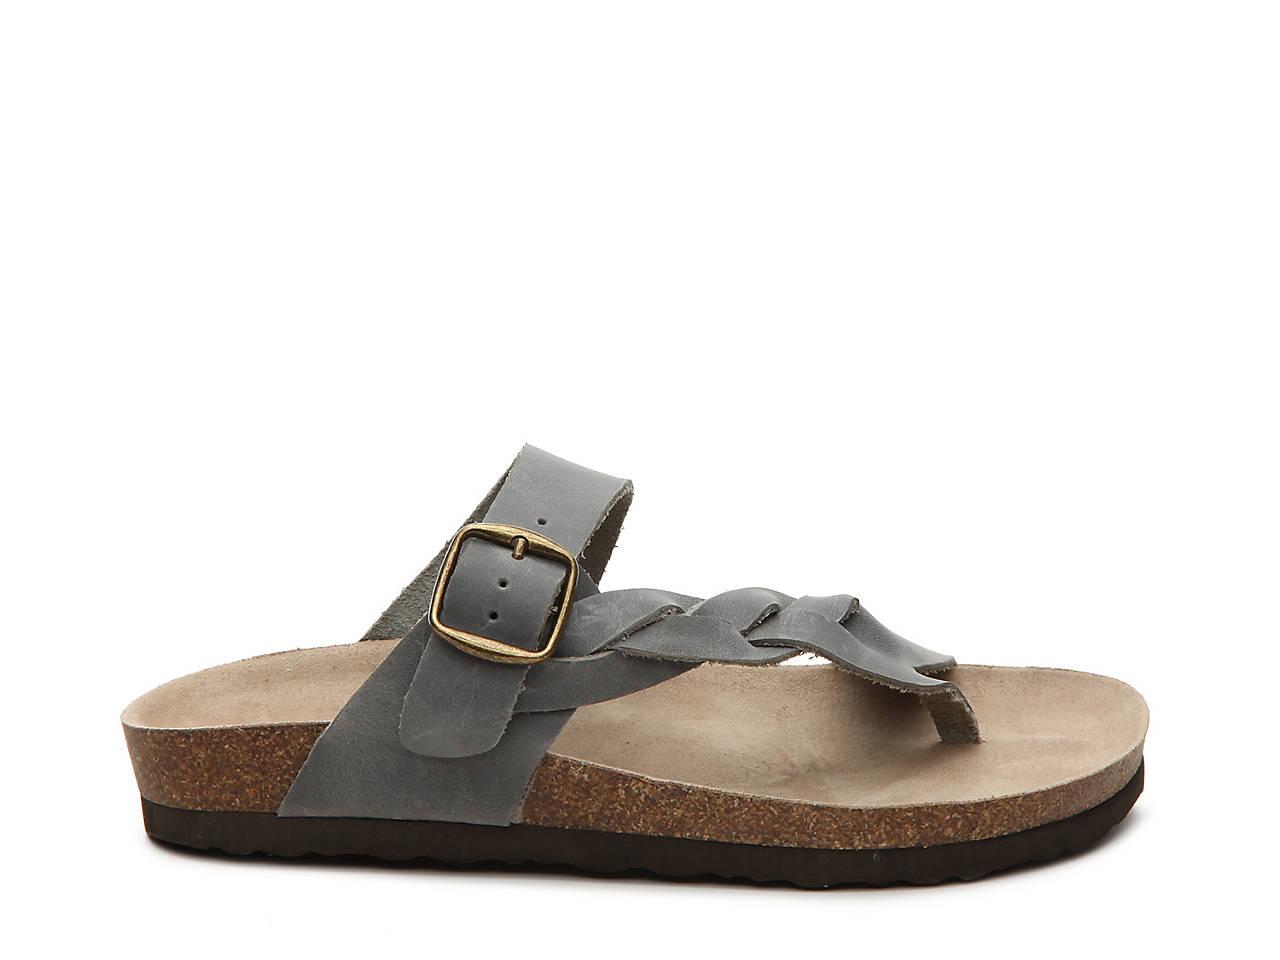 Black sandals at dsw - Black Sandals At Dsw 38